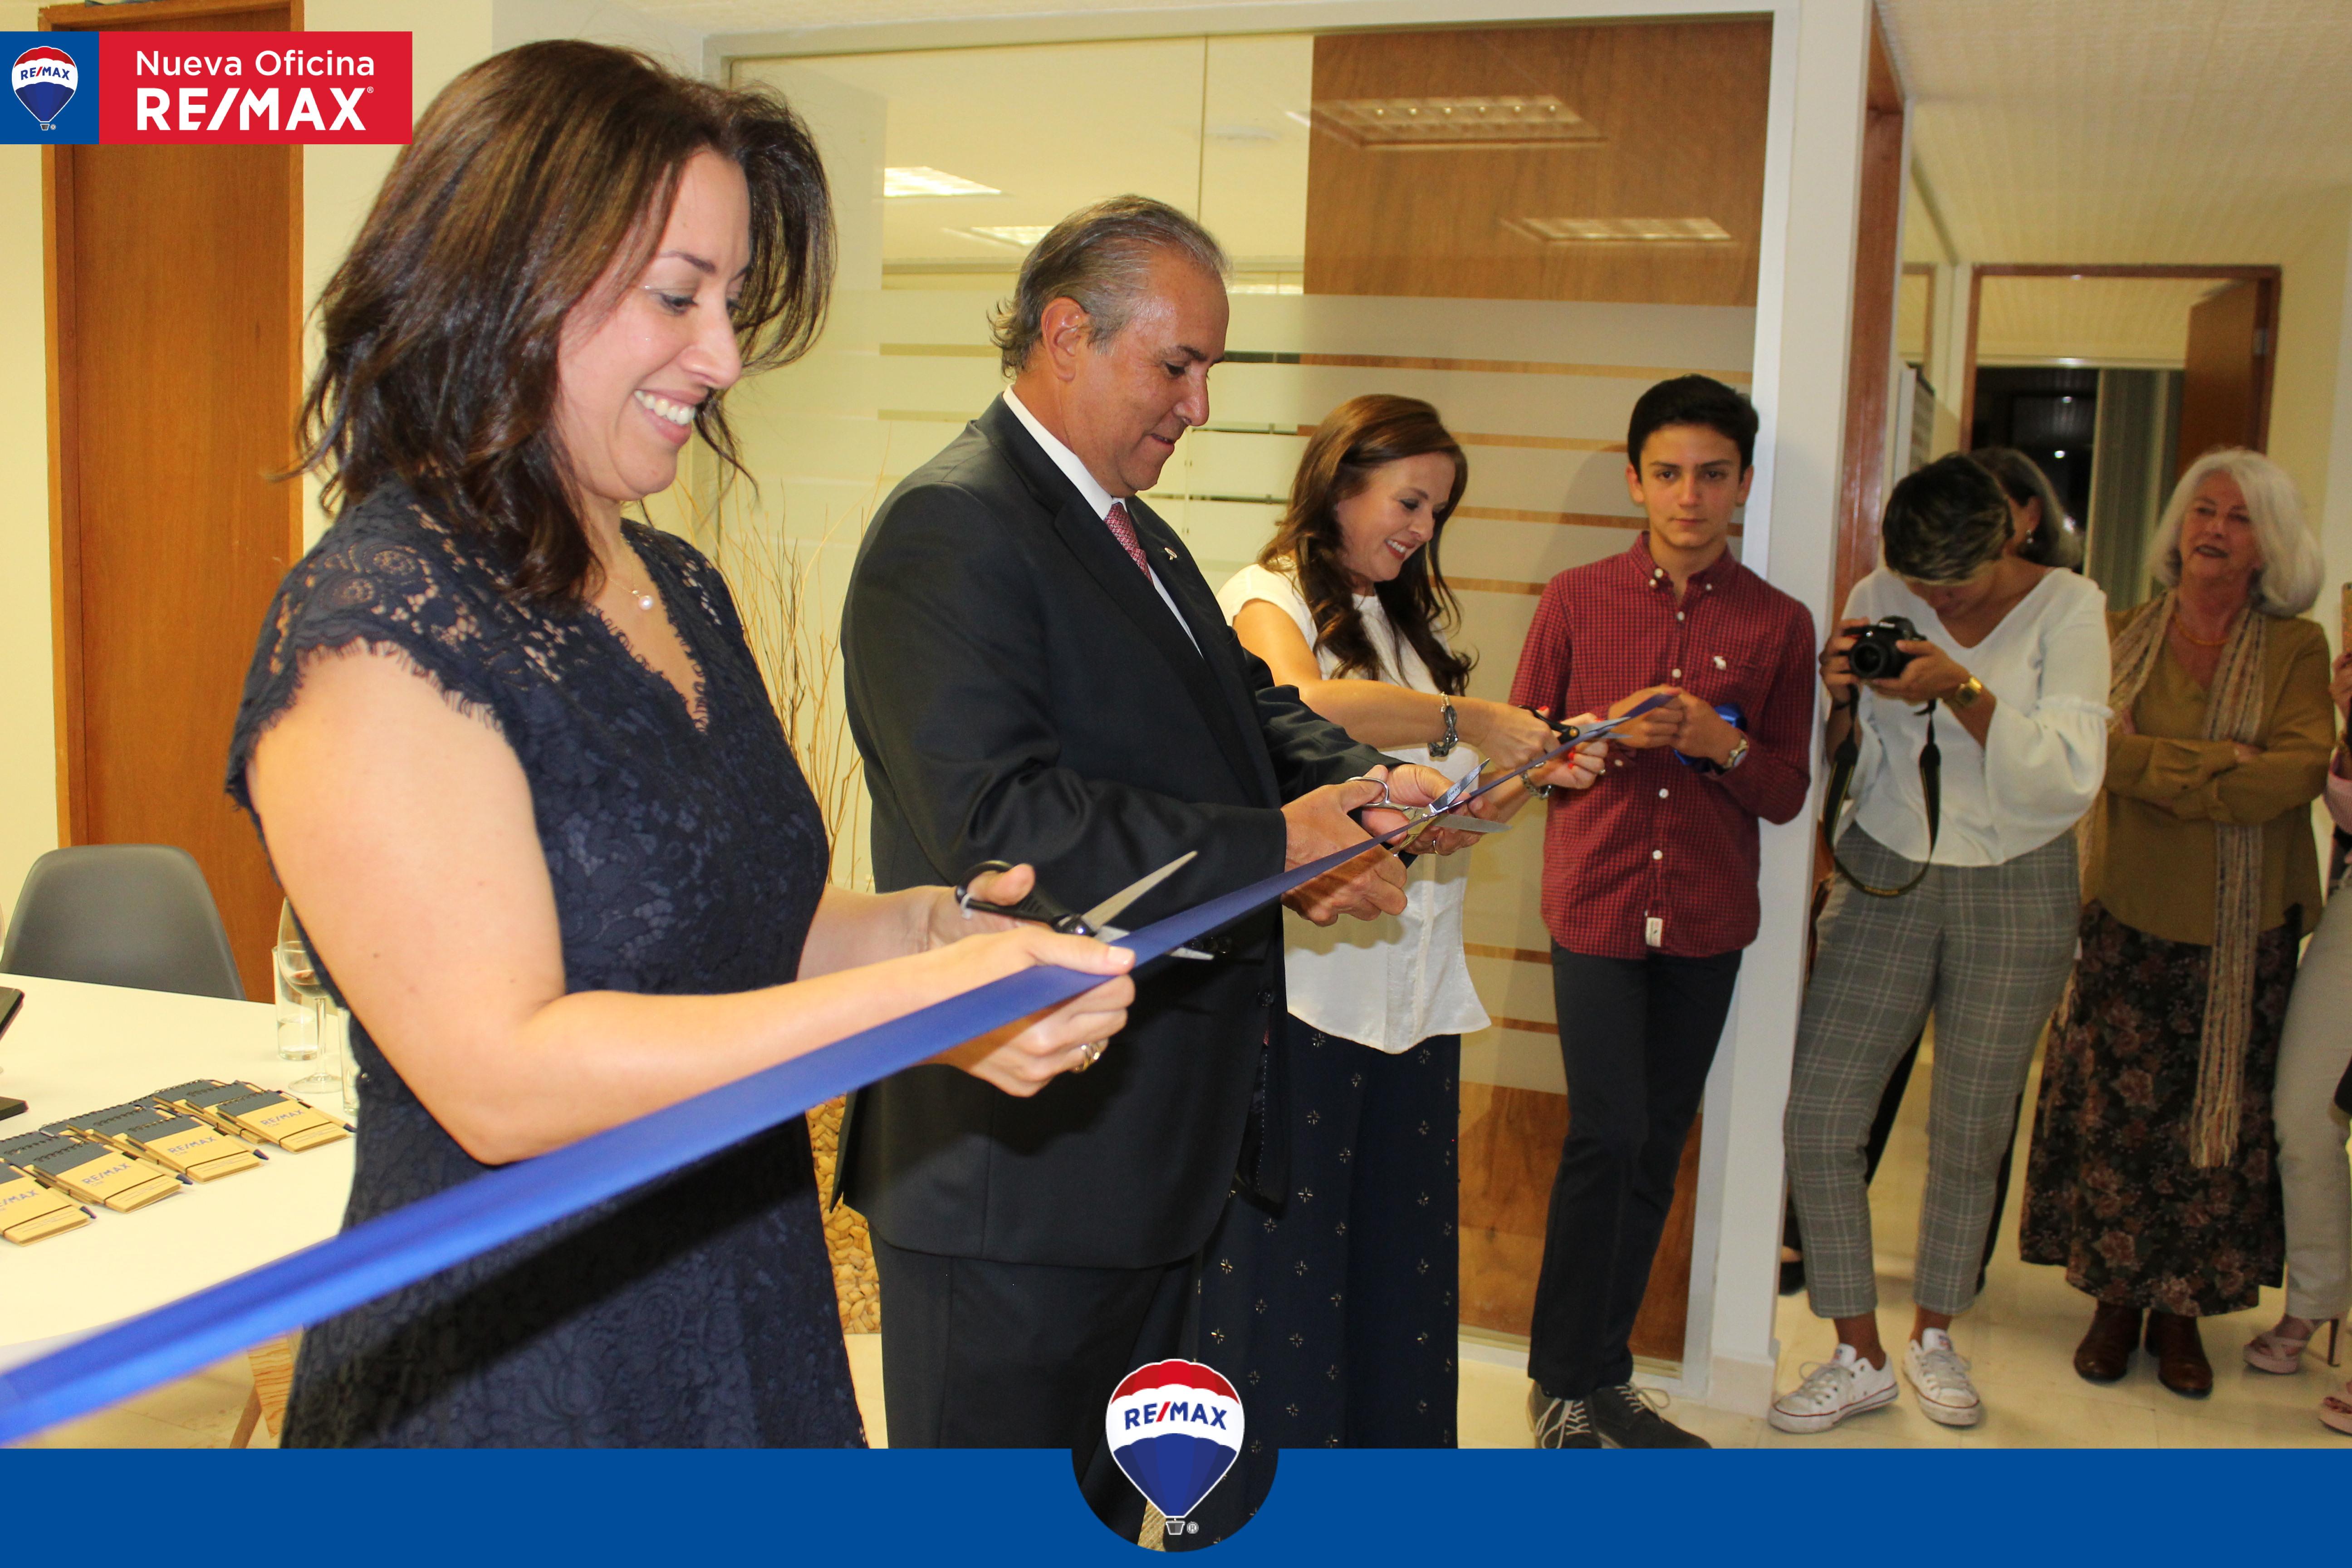 RE/MAX Cité inaugura su oficina en CDMX